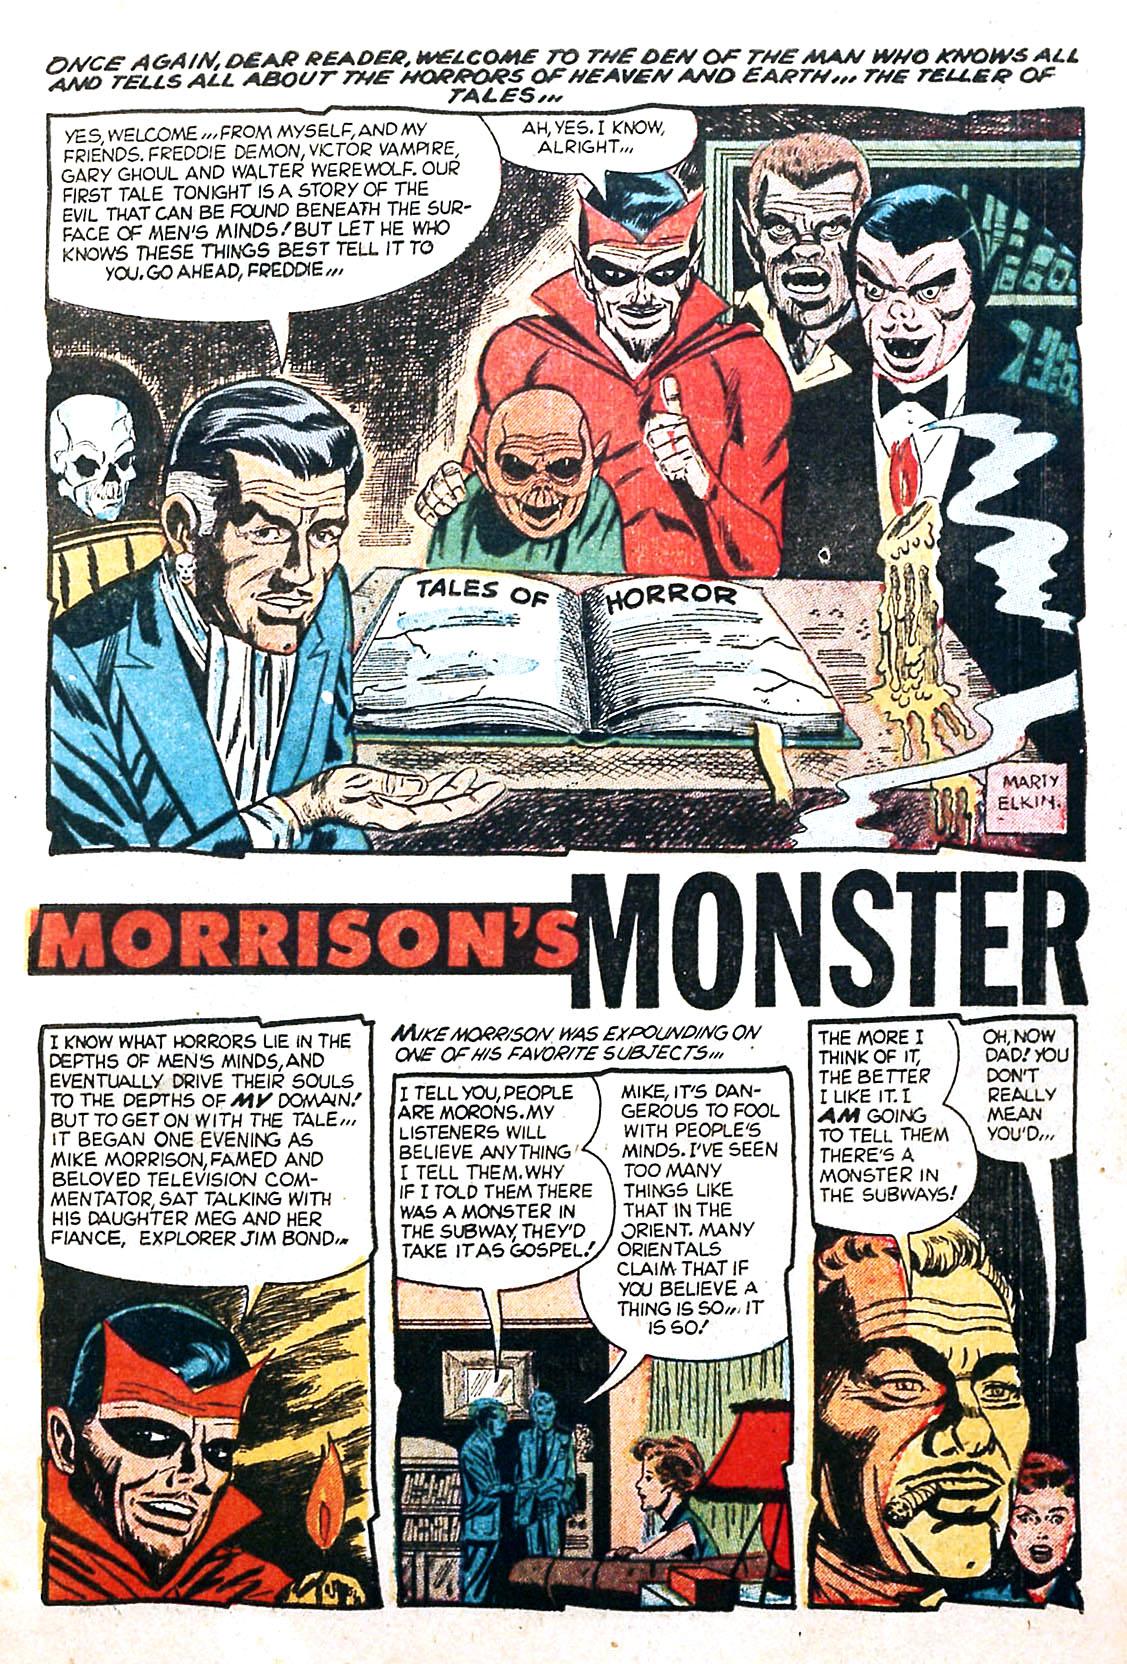 MorrisonsMonster1